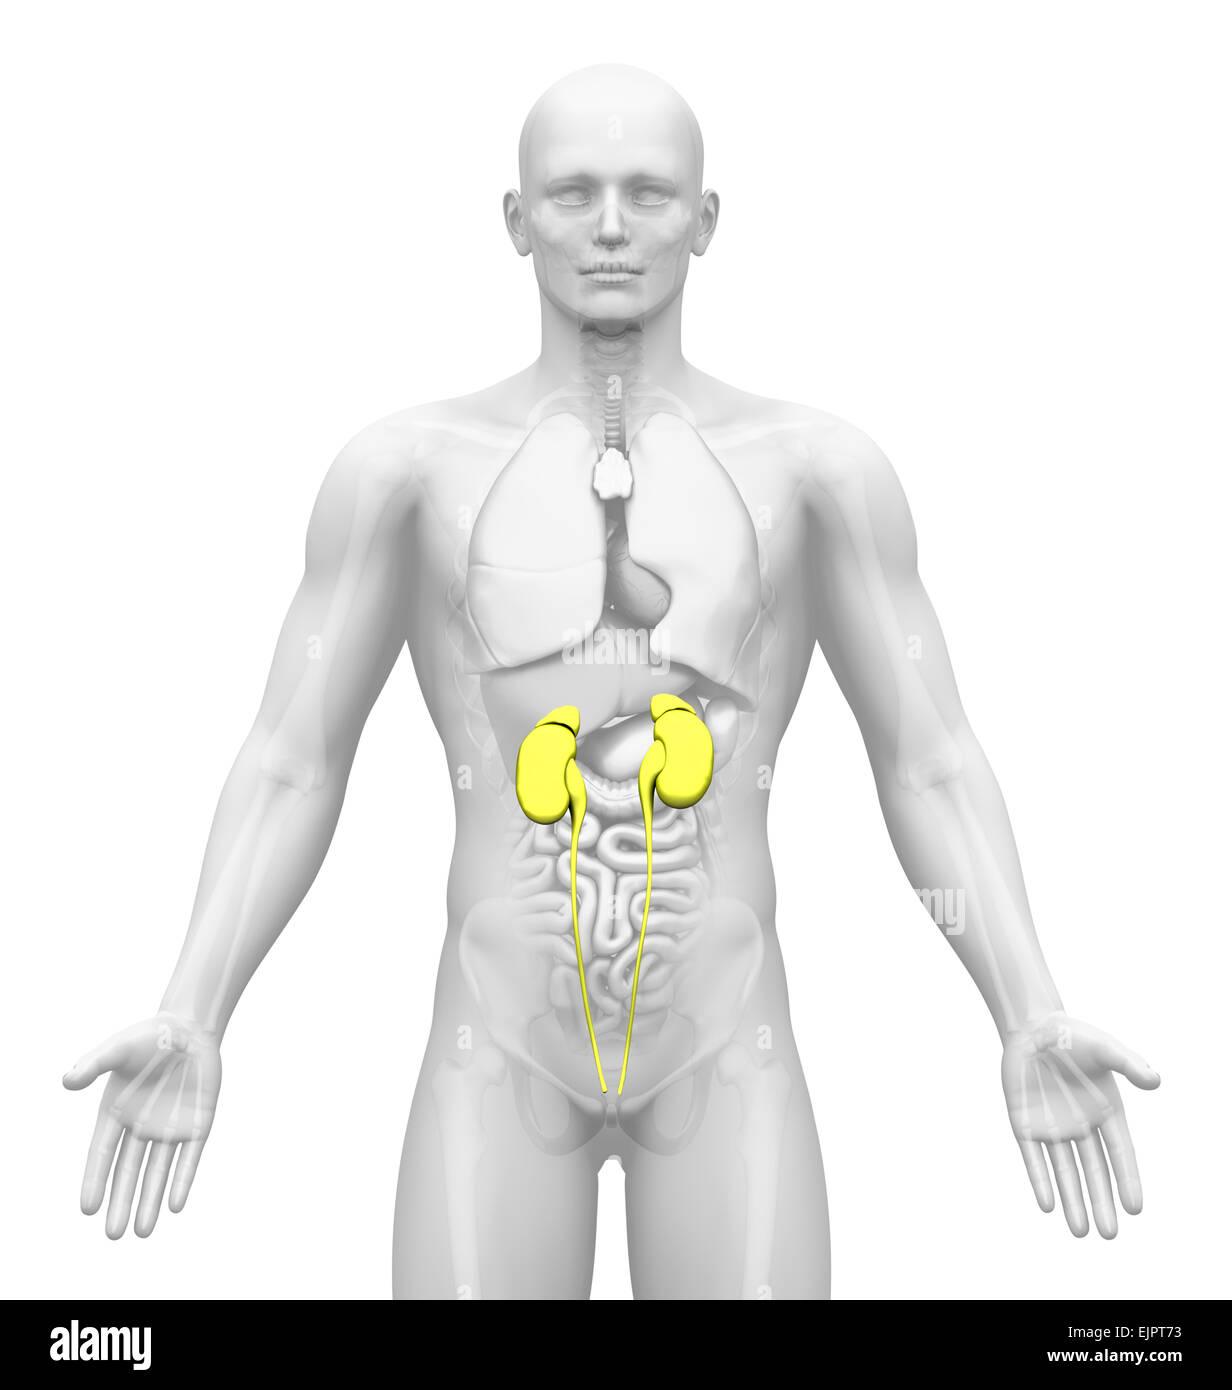 Nett Anatomie Position Begriffe Galerie - Anatomie Ideen - finotti.info